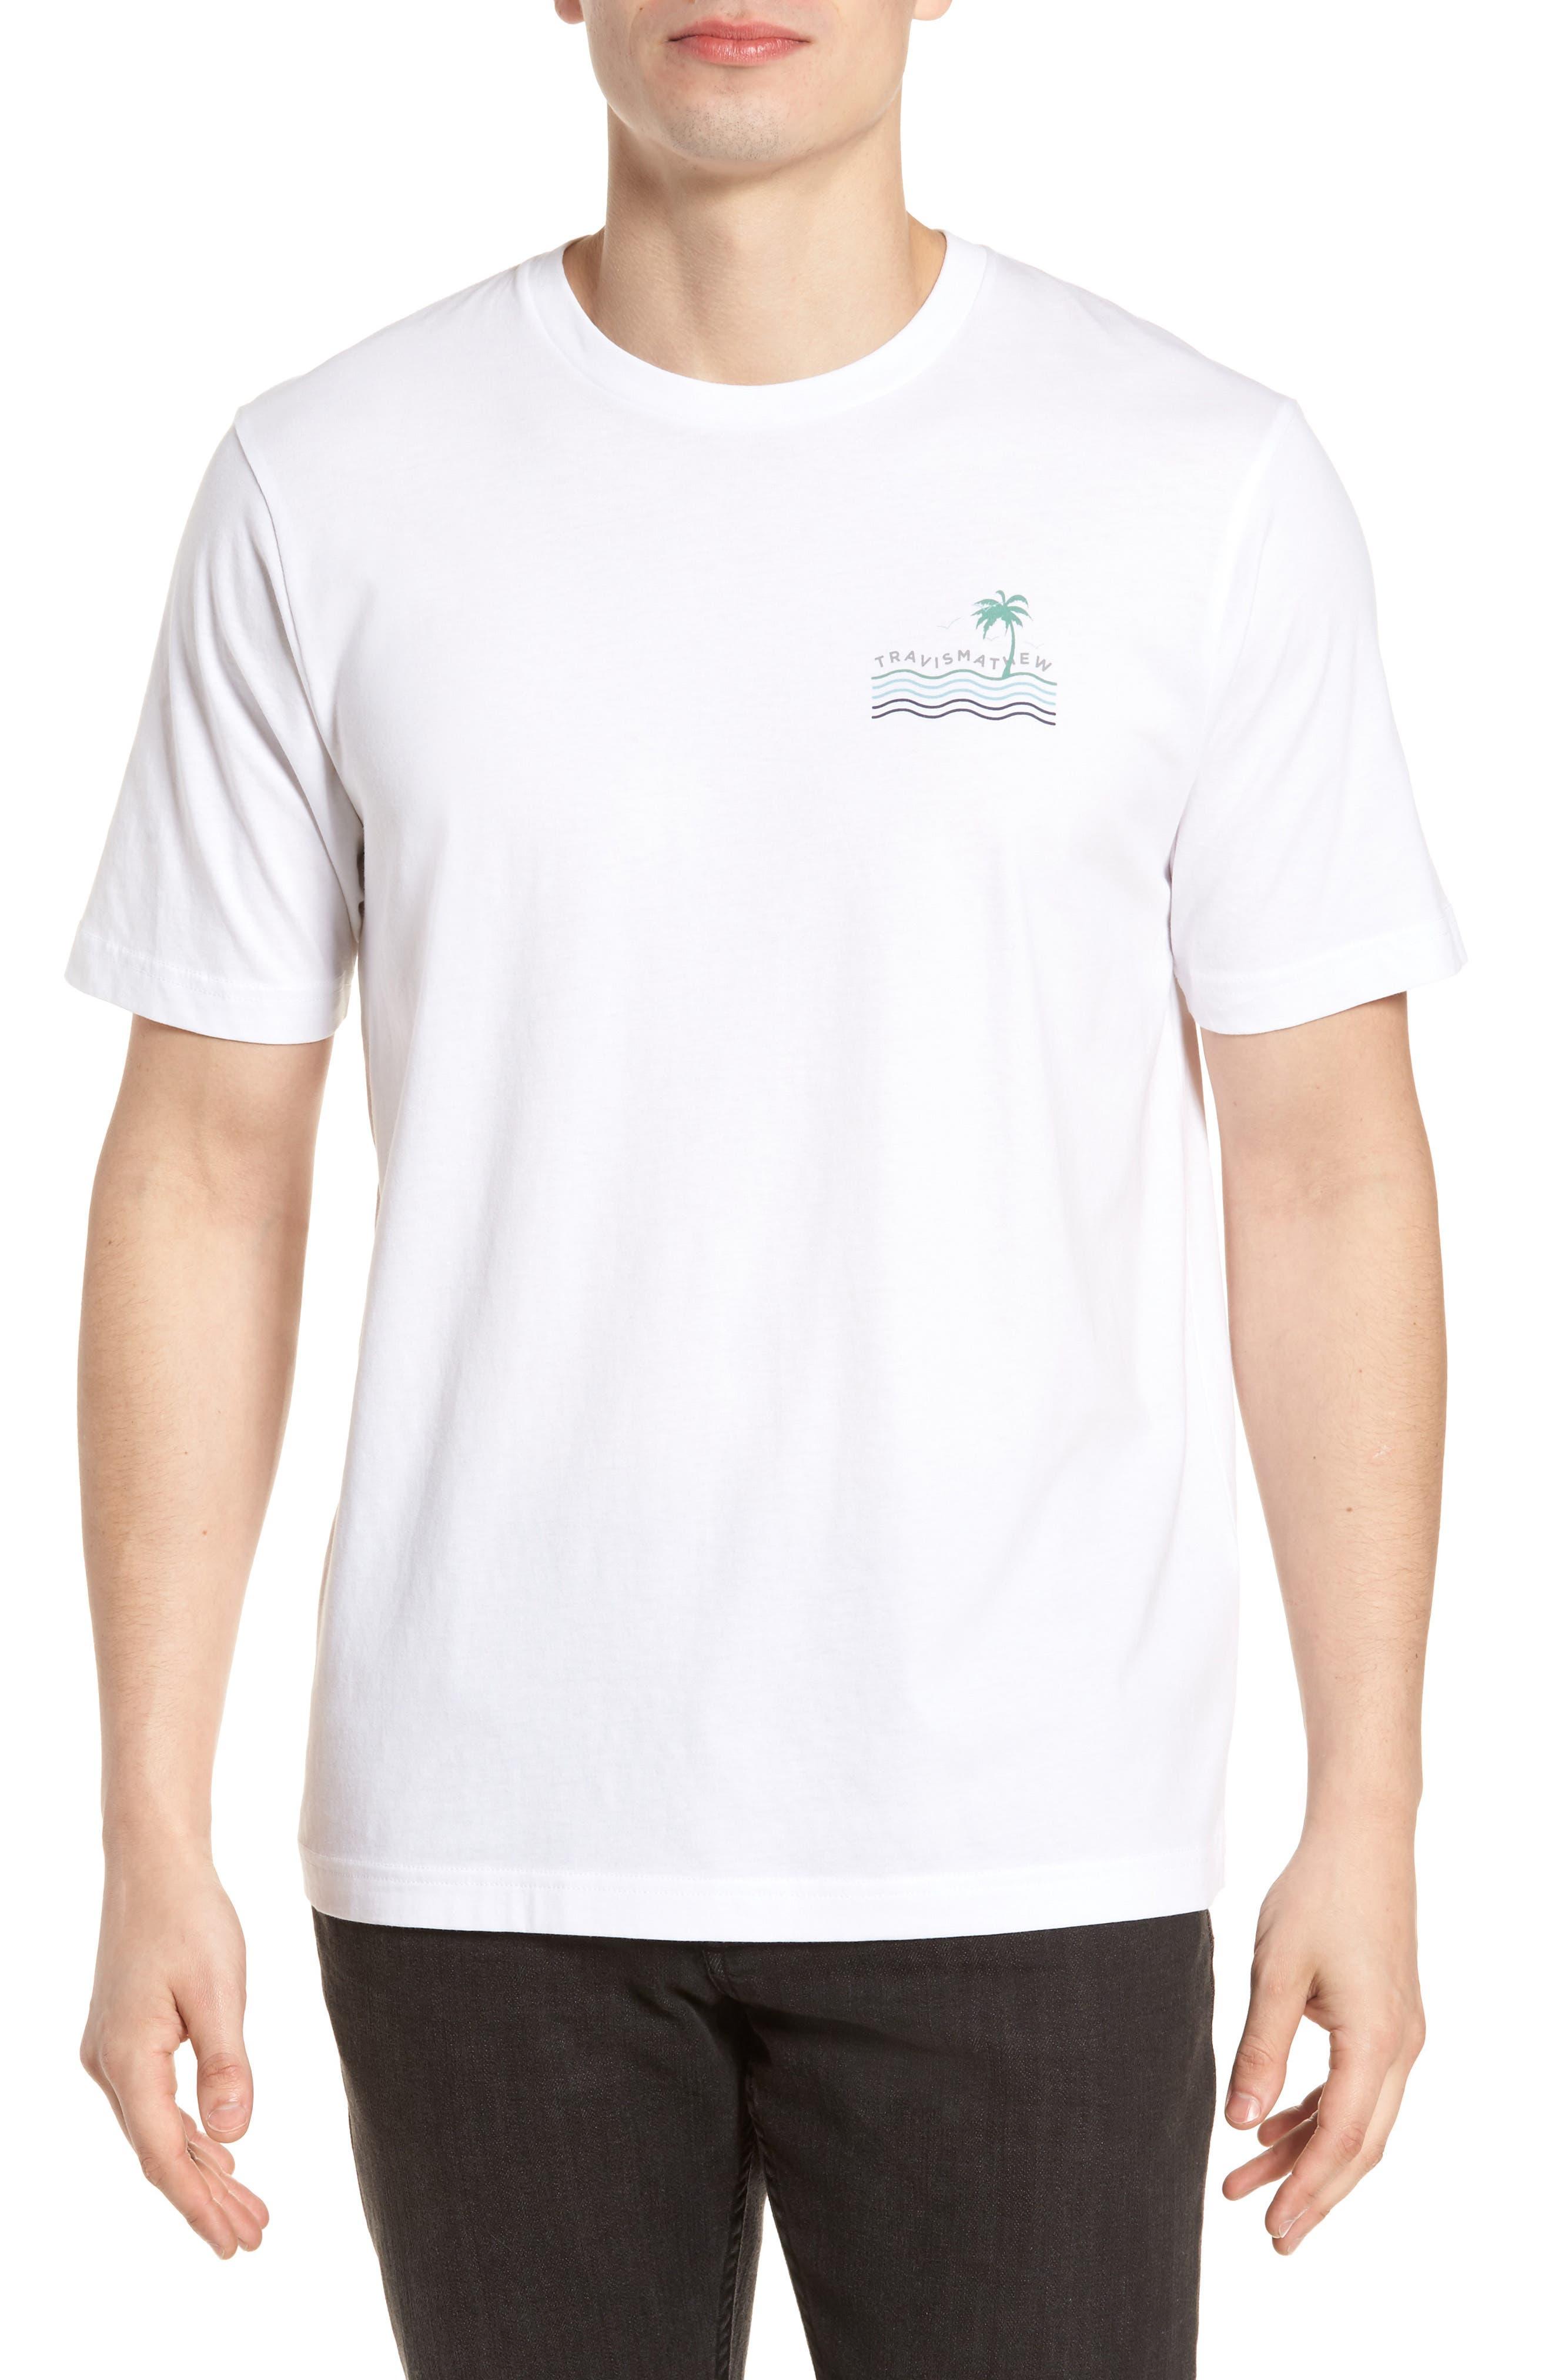 Travis Mathew Double Take Graphic T-Shirt